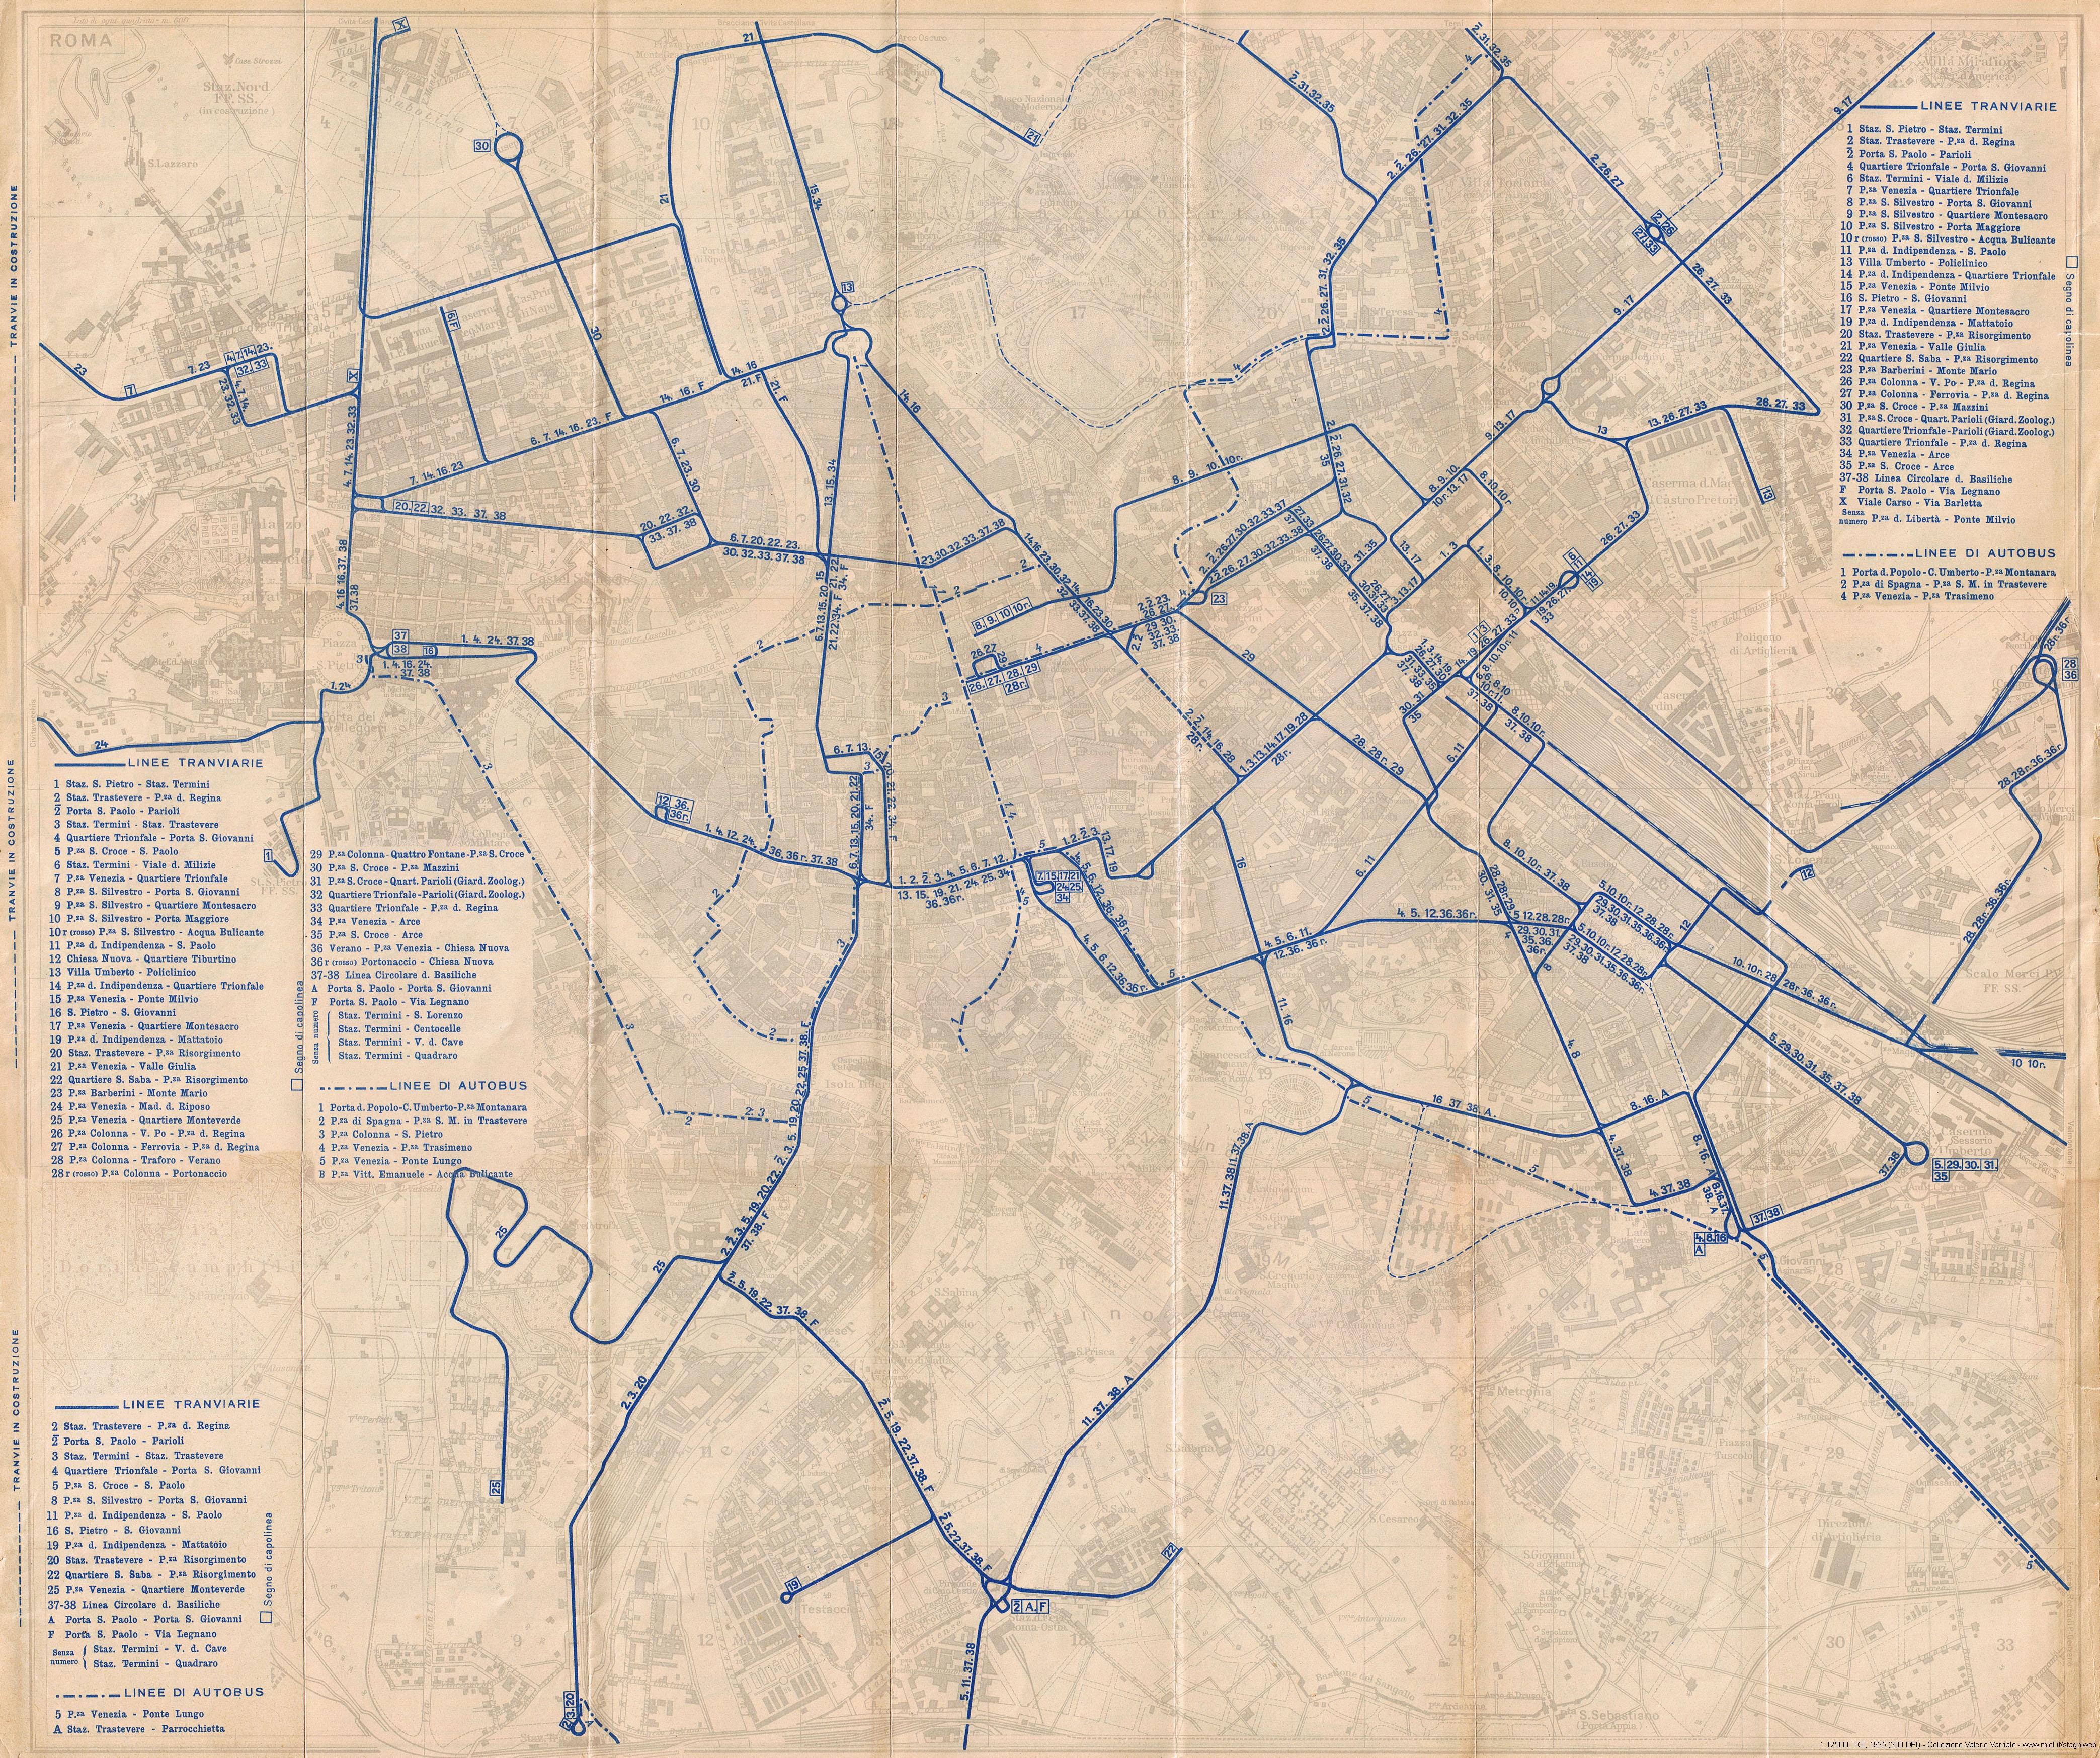 Mappe storiche di roma guida rossa tci 1925 prima for Grande planimetria della camera singola storia